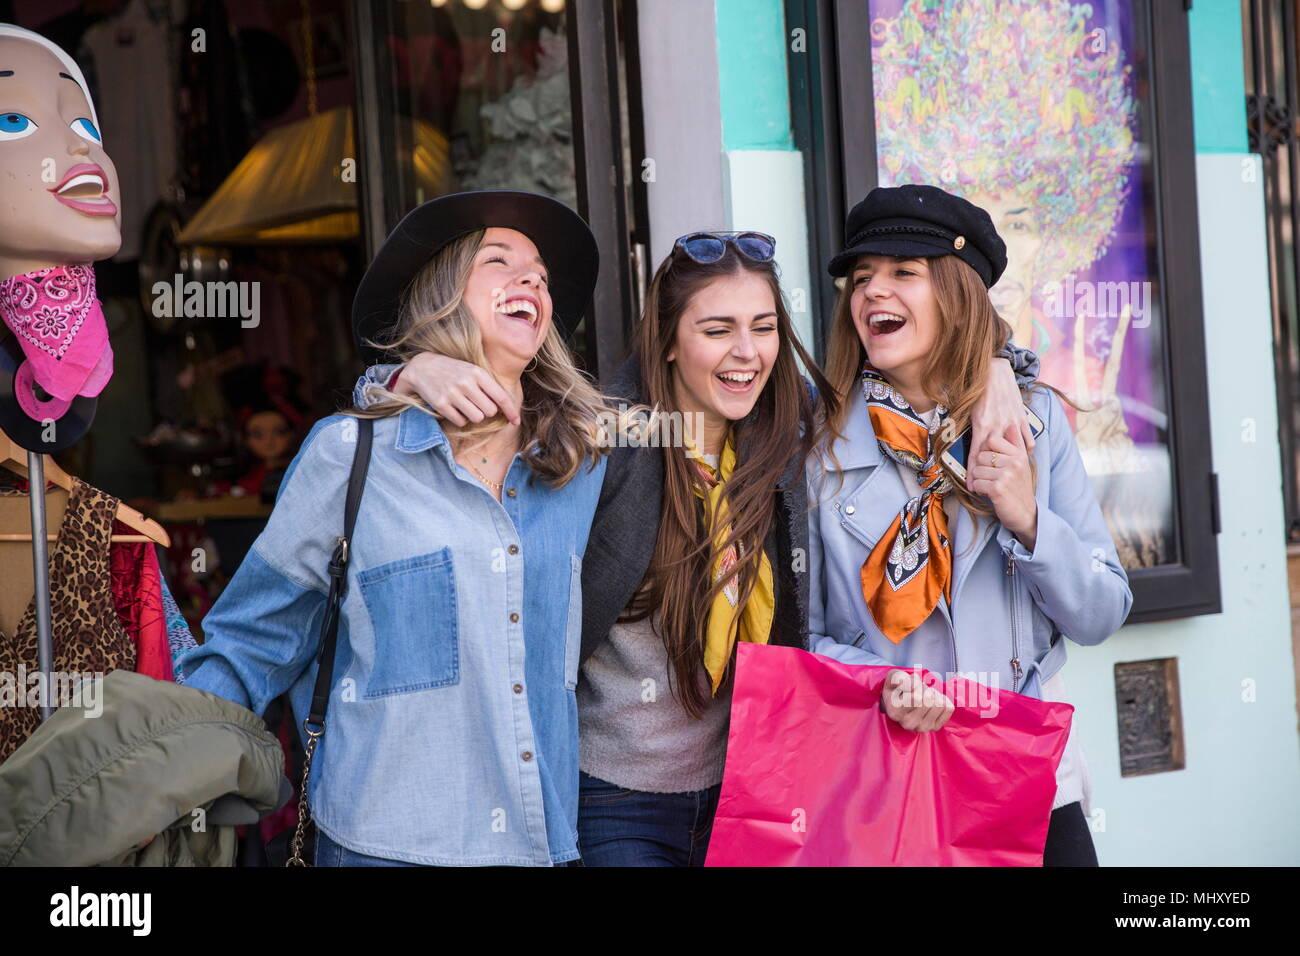 Tienda de ropa dejando amigos sonriendo Imagen De Stock